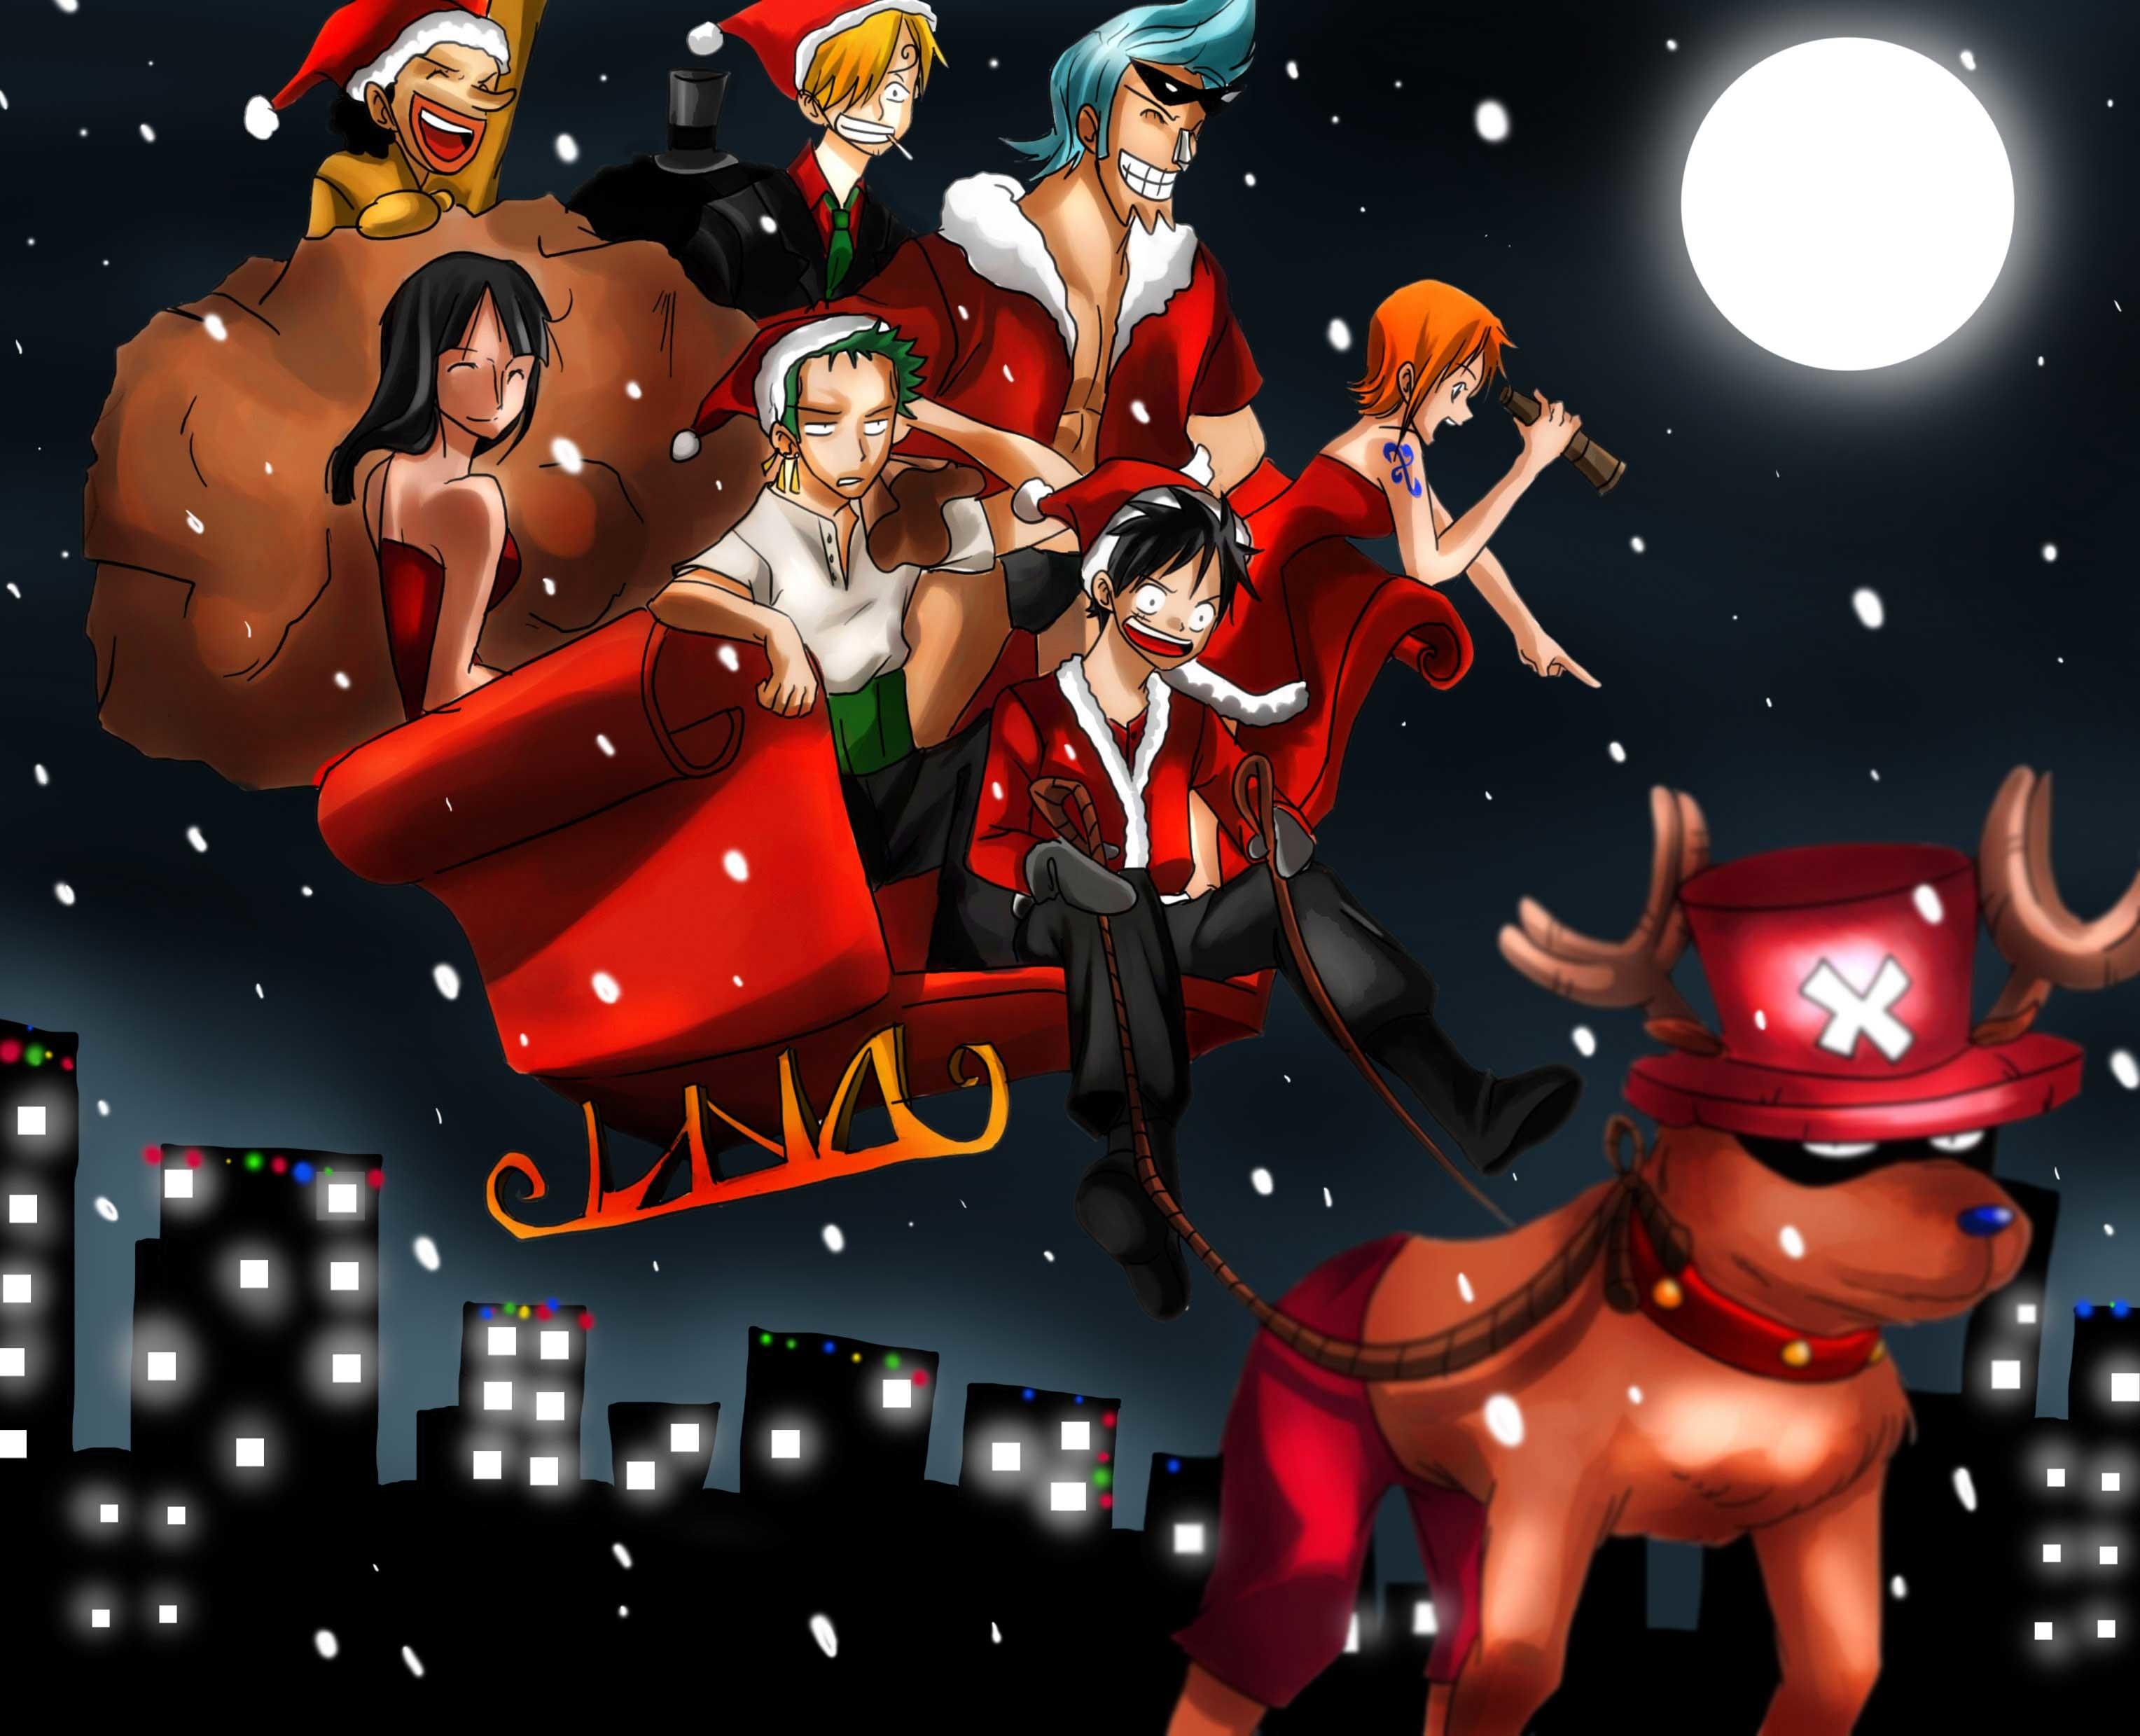 [44+] Anime Christmas Wallpaper HD on WallpaperSafari